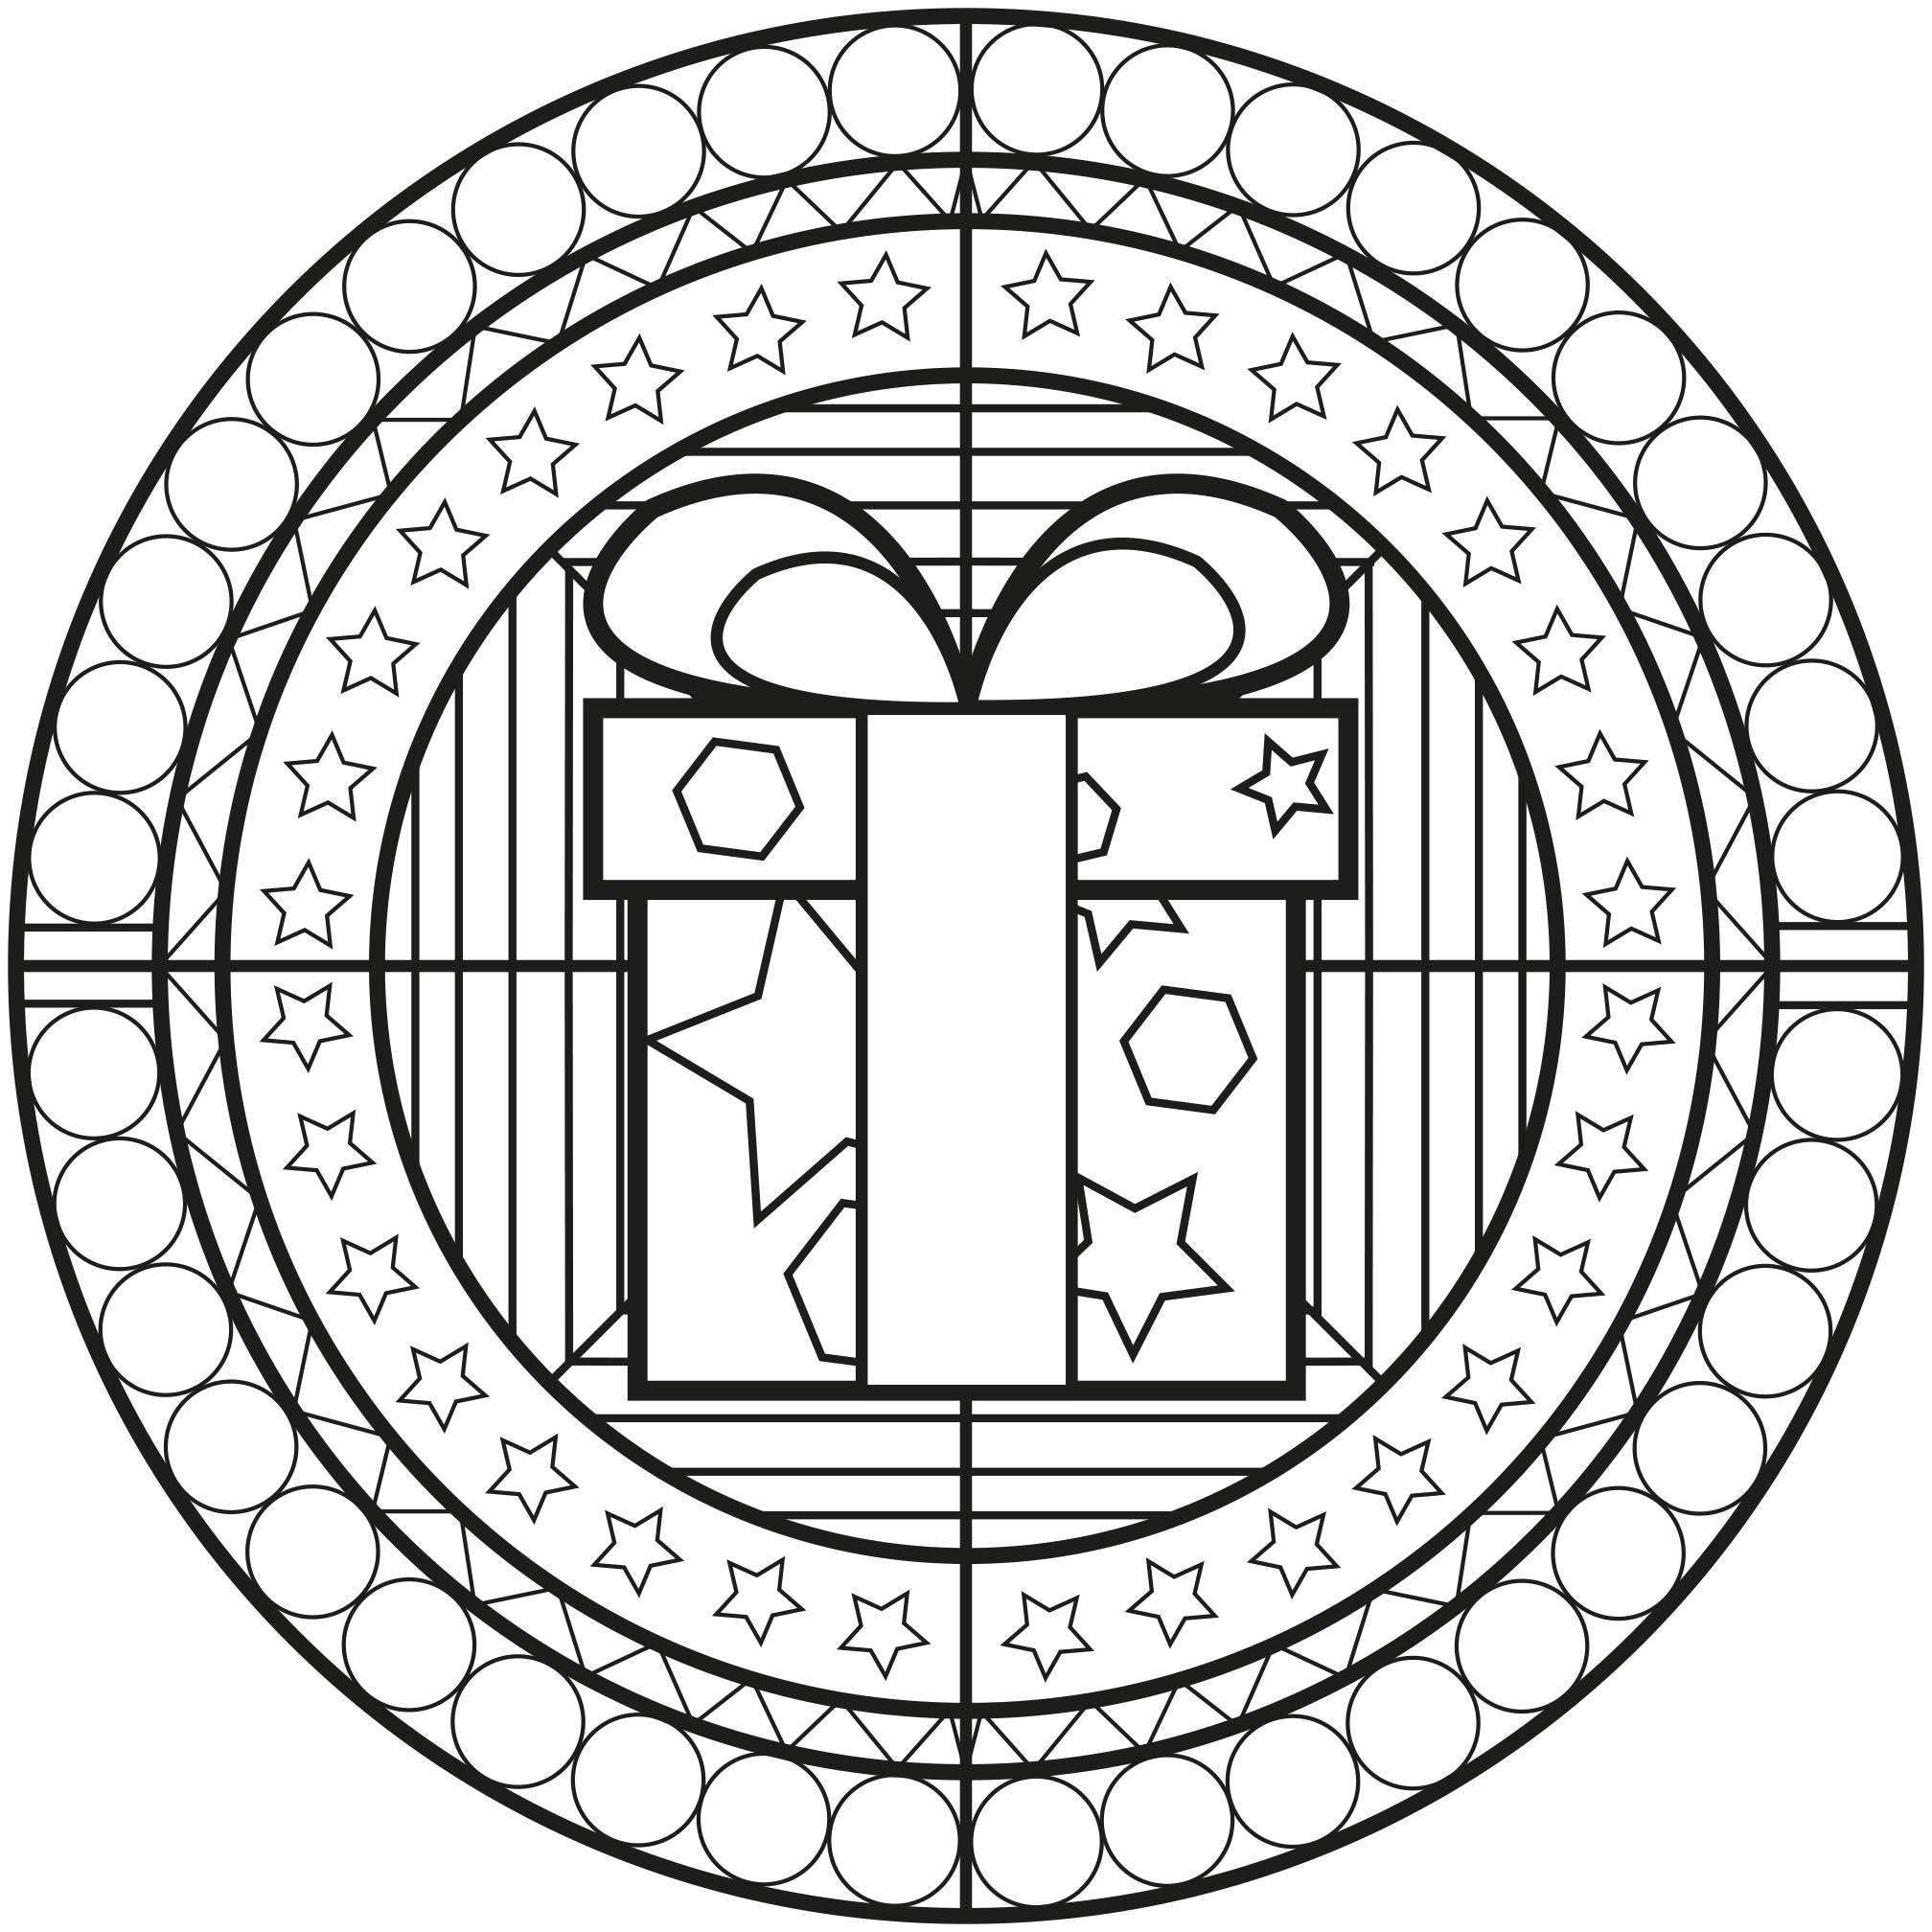 2016x2016 mandala christmas gift simple mandalas mandalas zen